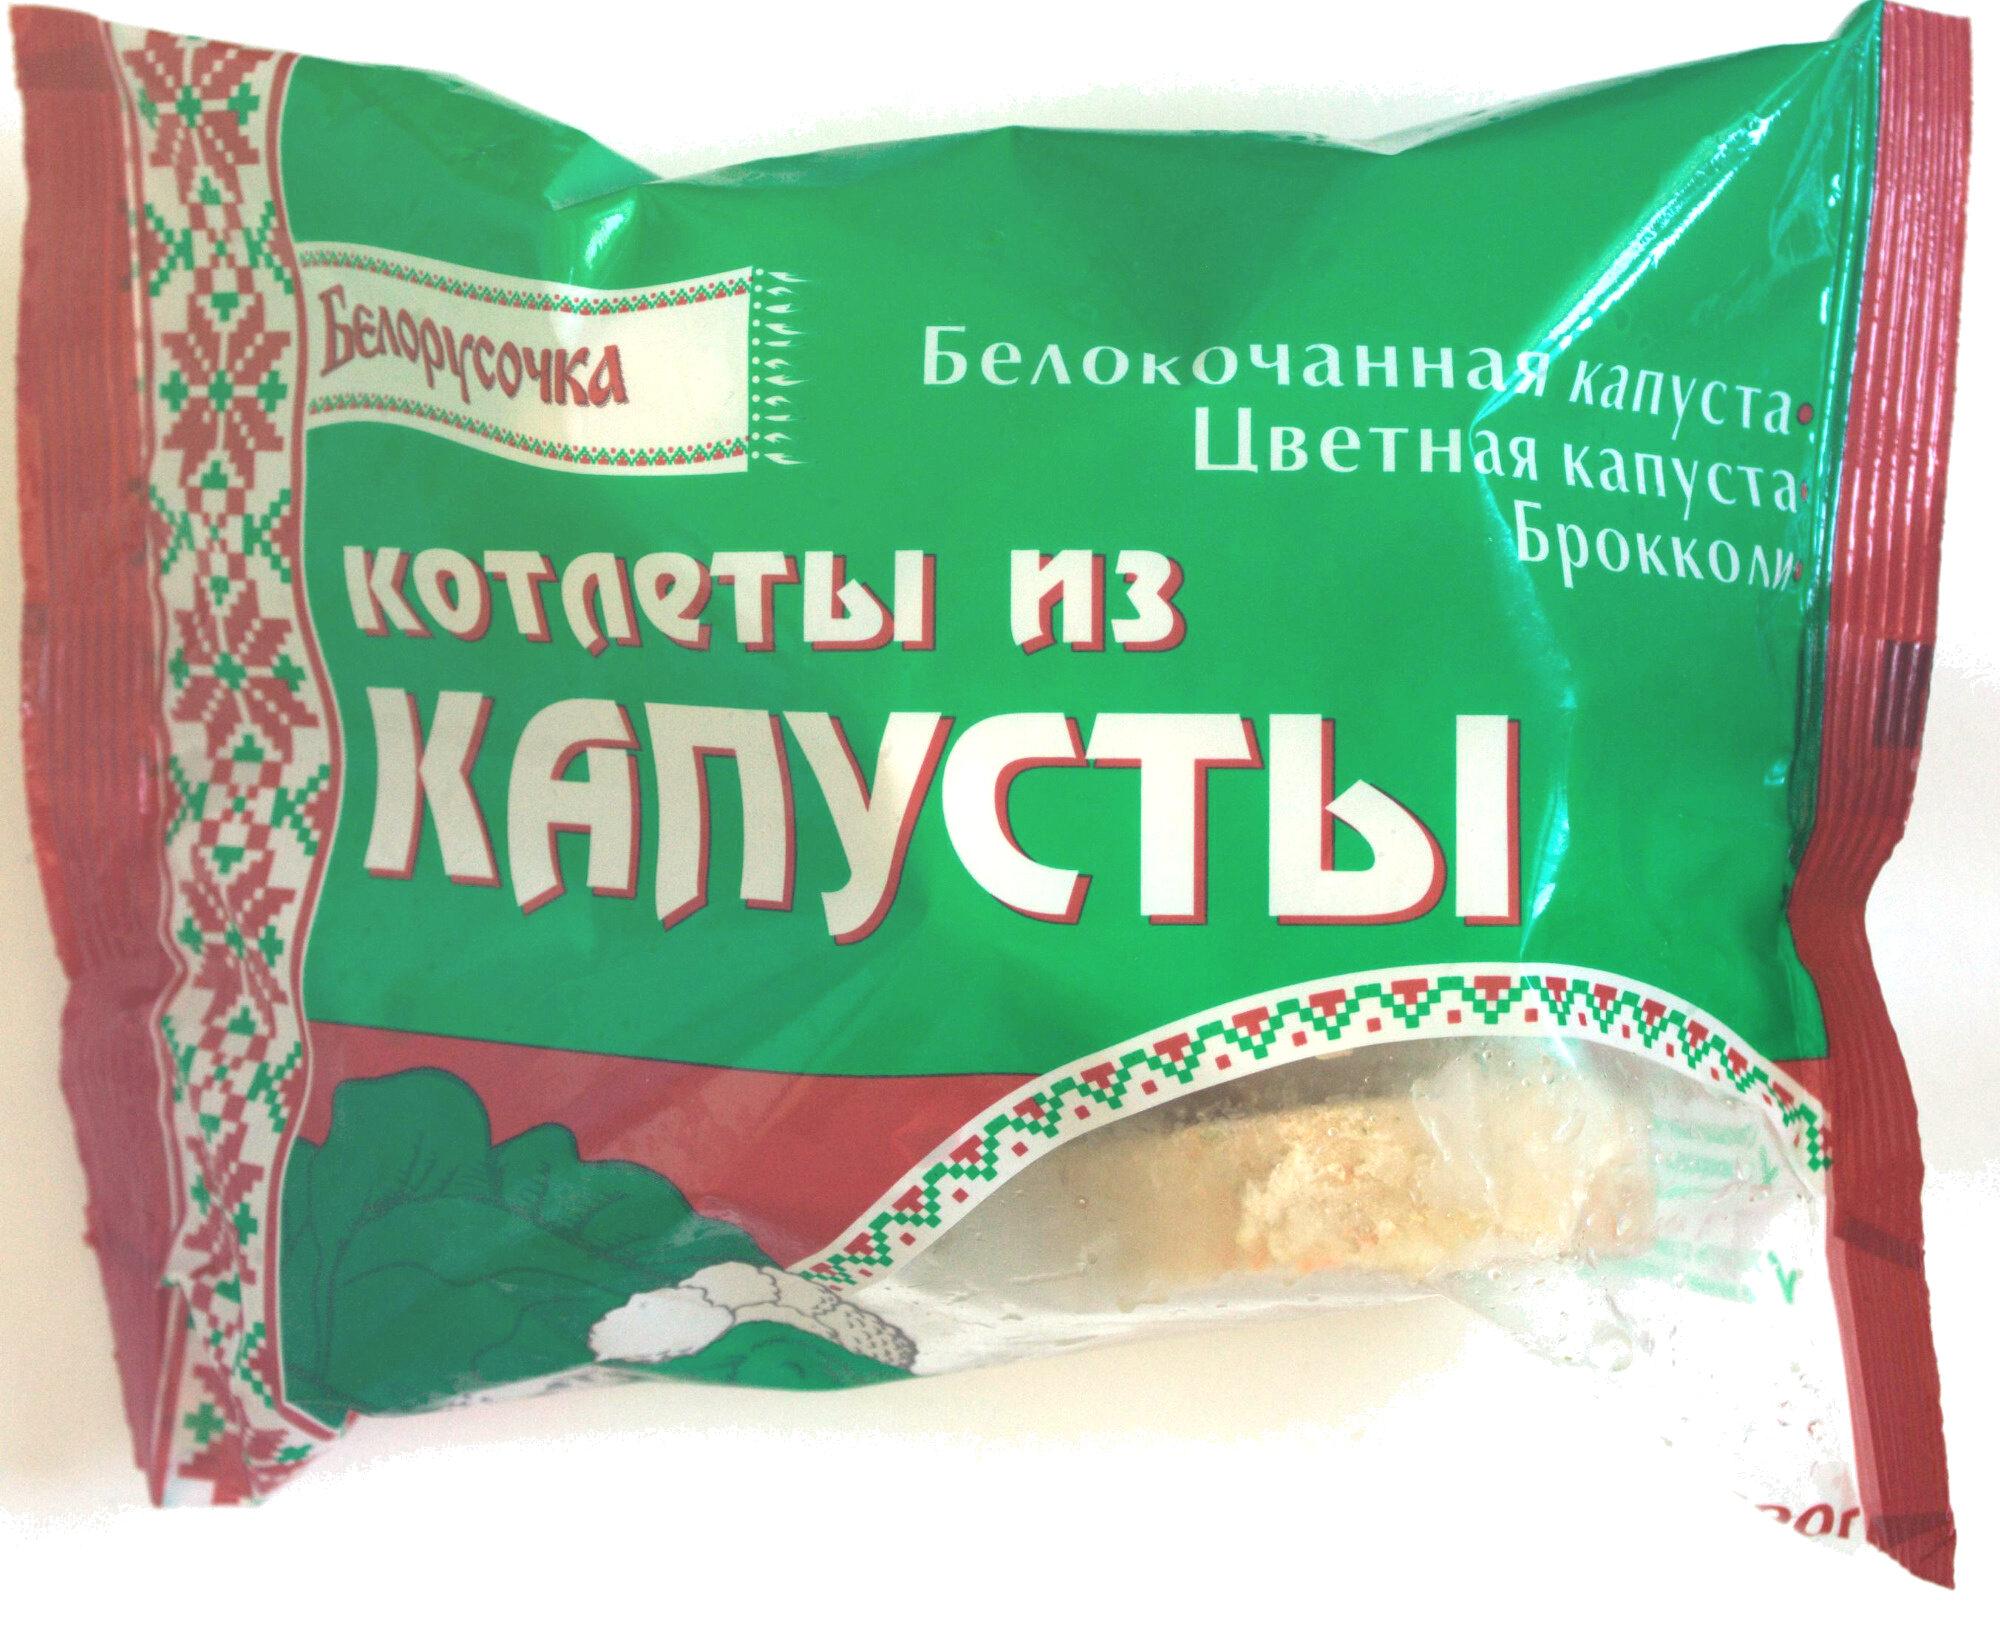 Котлеты из капусты - Produit - ru